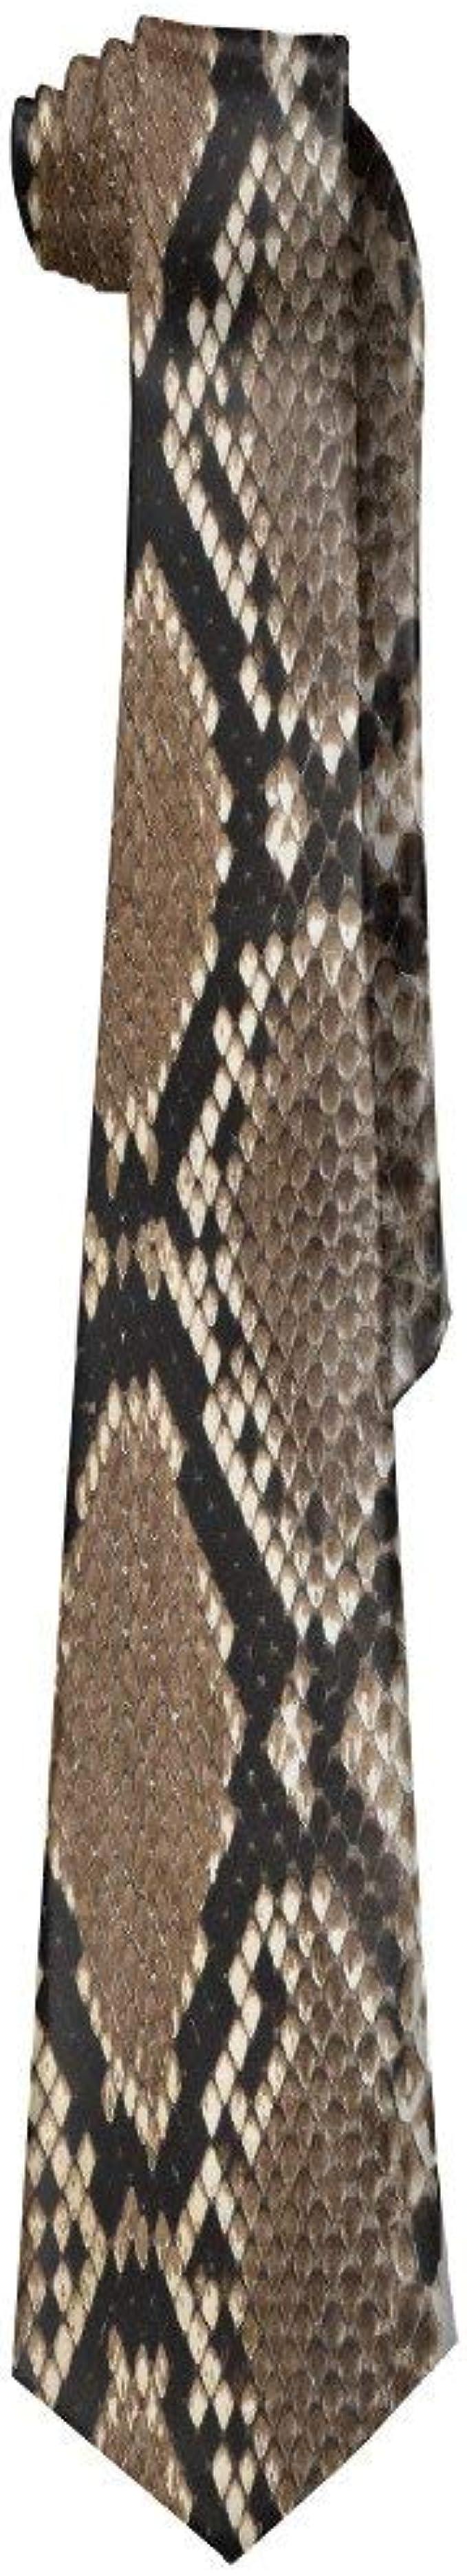 Jxrodekz Corbata de hombre Piel de serpiente Corbata larga salvaje ...